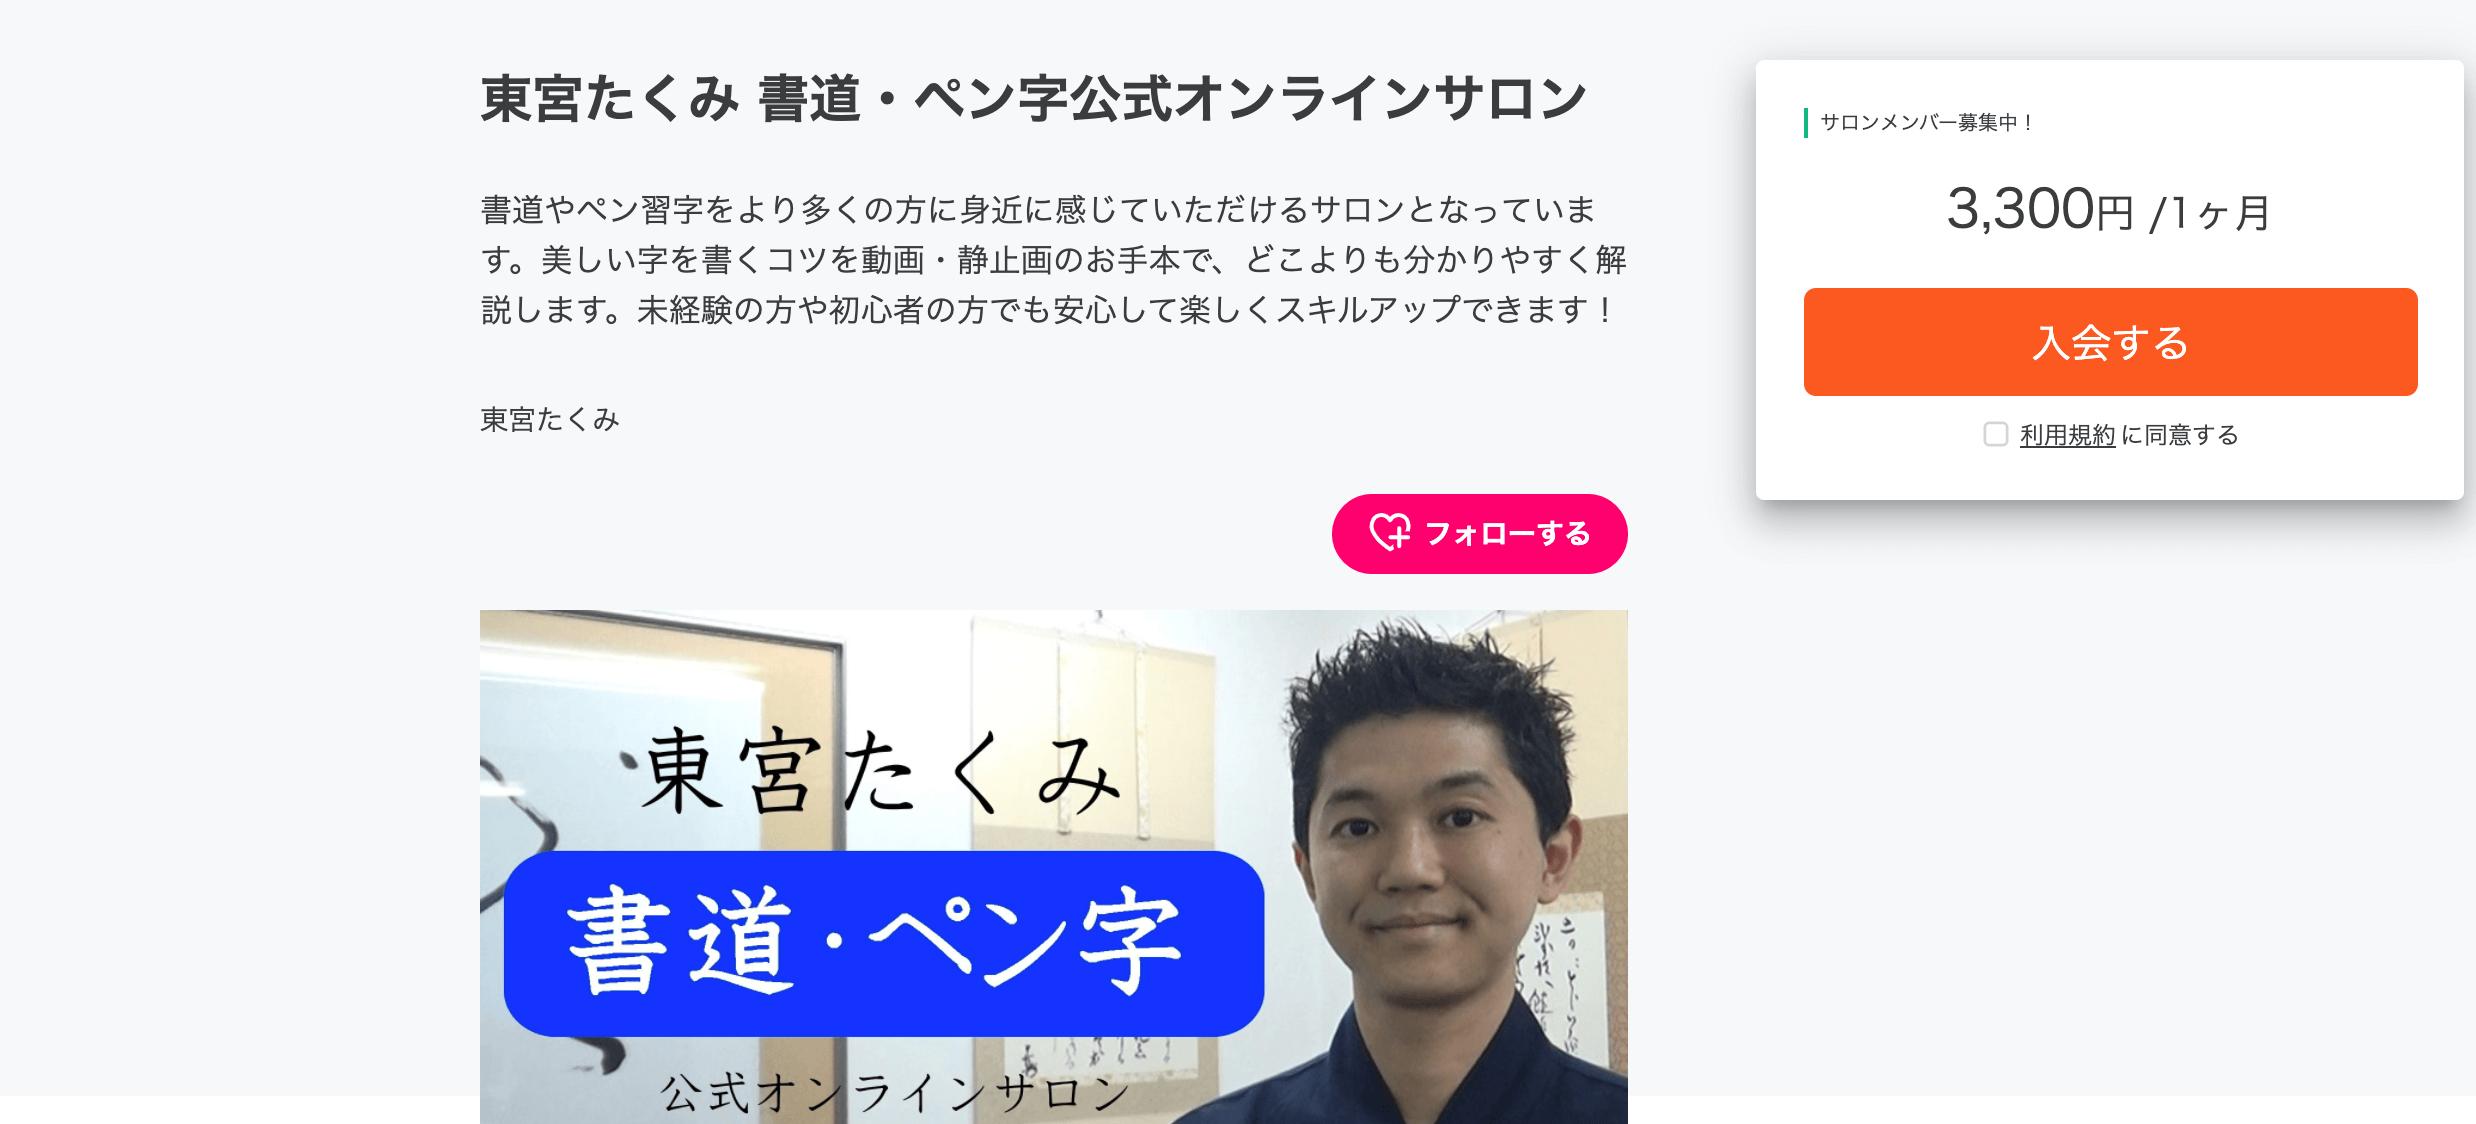 youtube_illustrator_takumitouguu